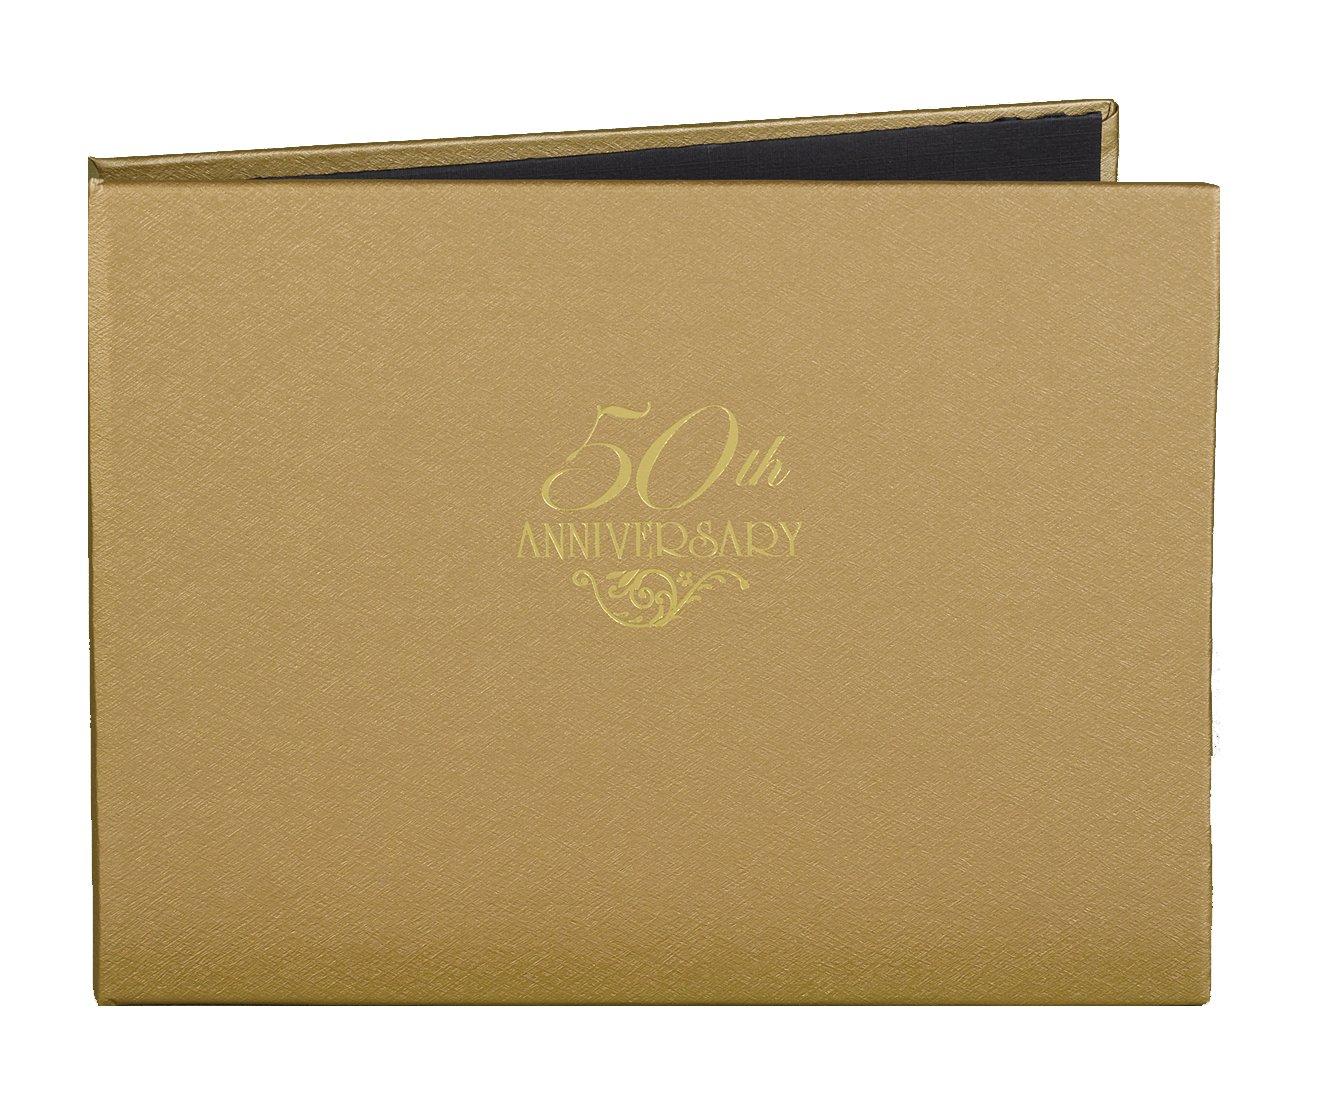 Hortense B. Hewitt Wedding Accessories 50th Anniversary Gold Guest Book by Hortense B. Hewitt